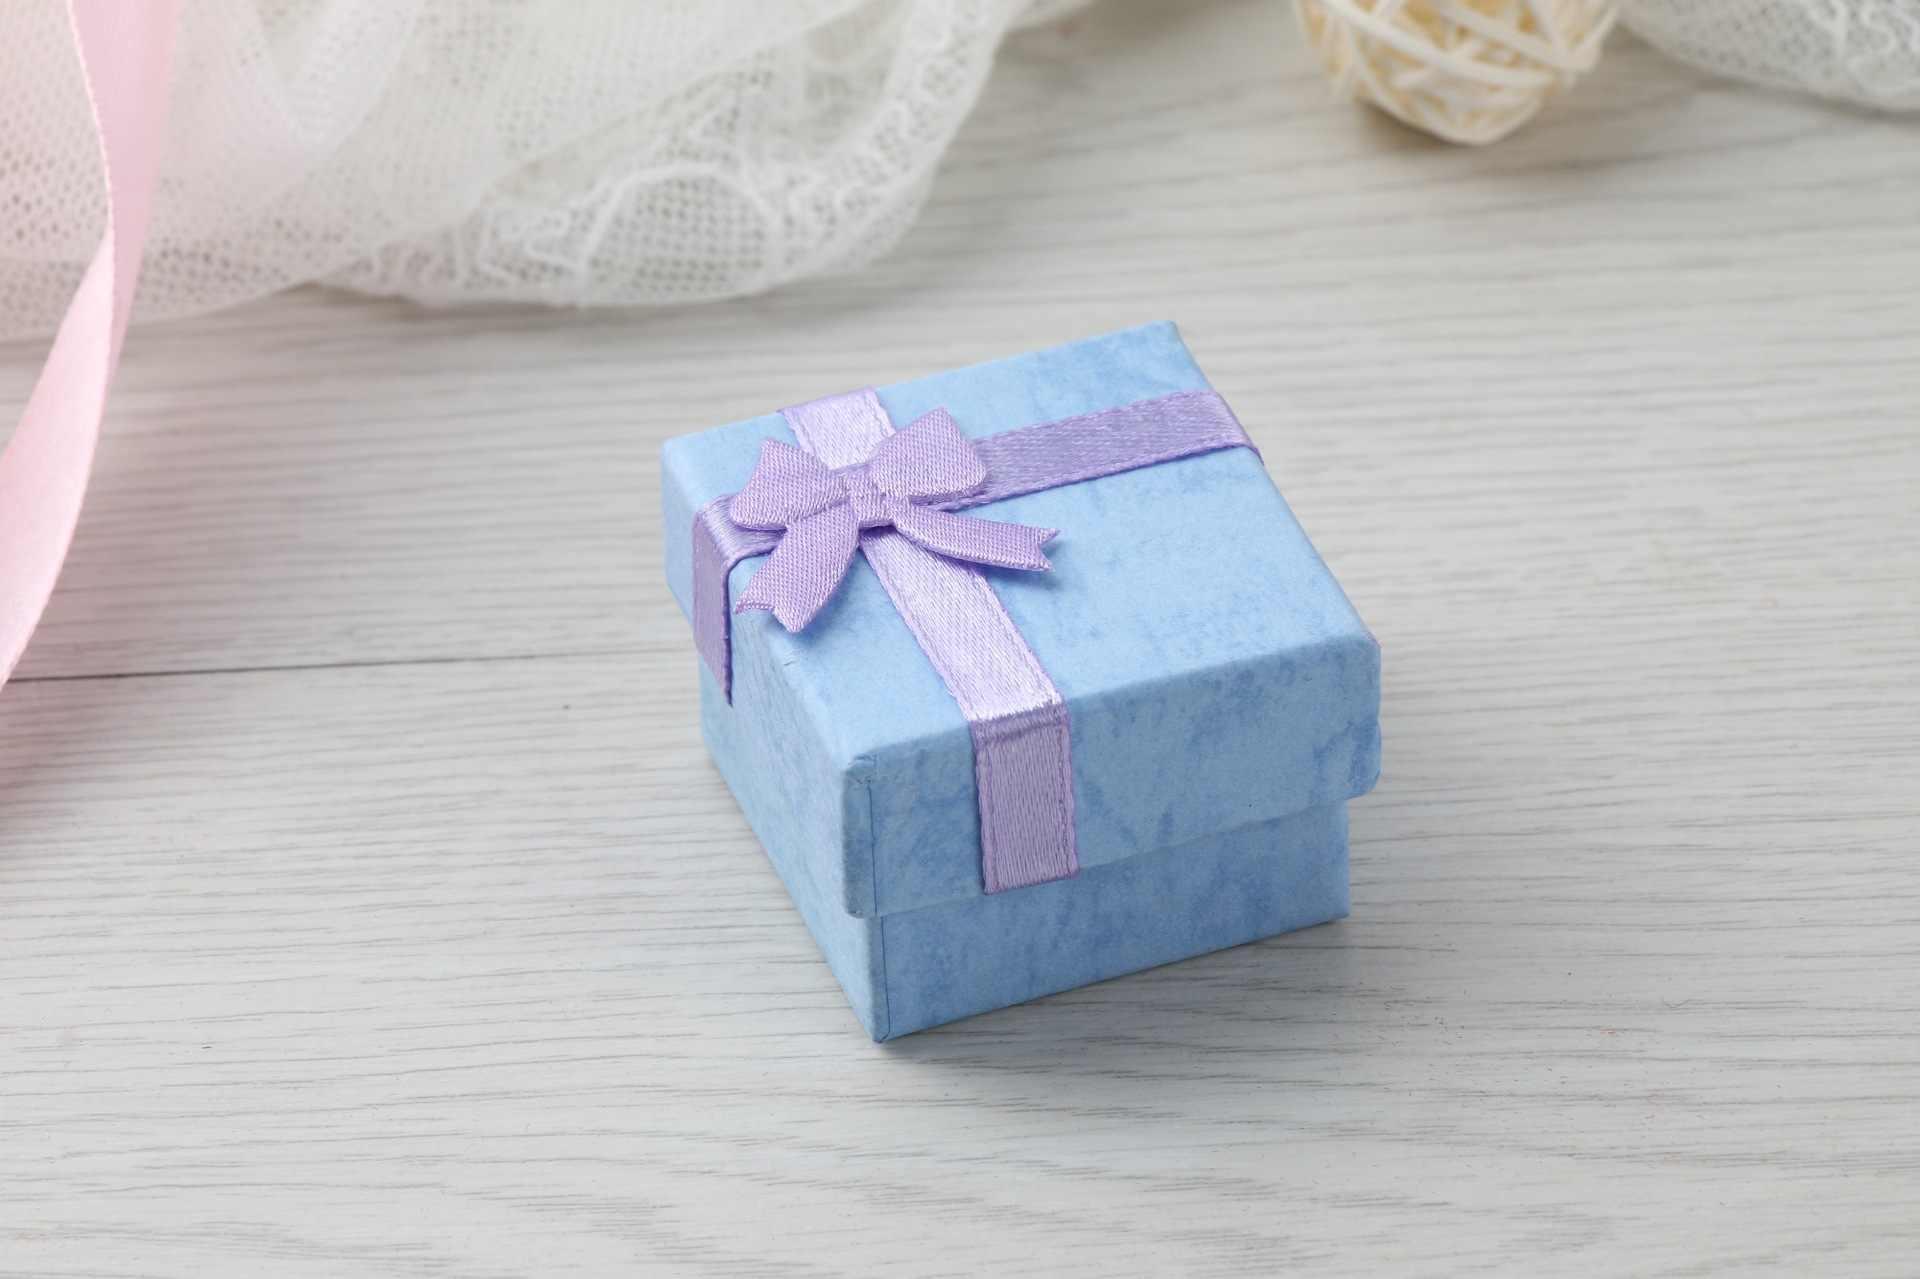 2 stücke Halskette Ohrringe Ring Verpackung Schmuck Papier Geschenk Box Zubehör Verpackung Papier Taschen für Geschenke cajas de regalo